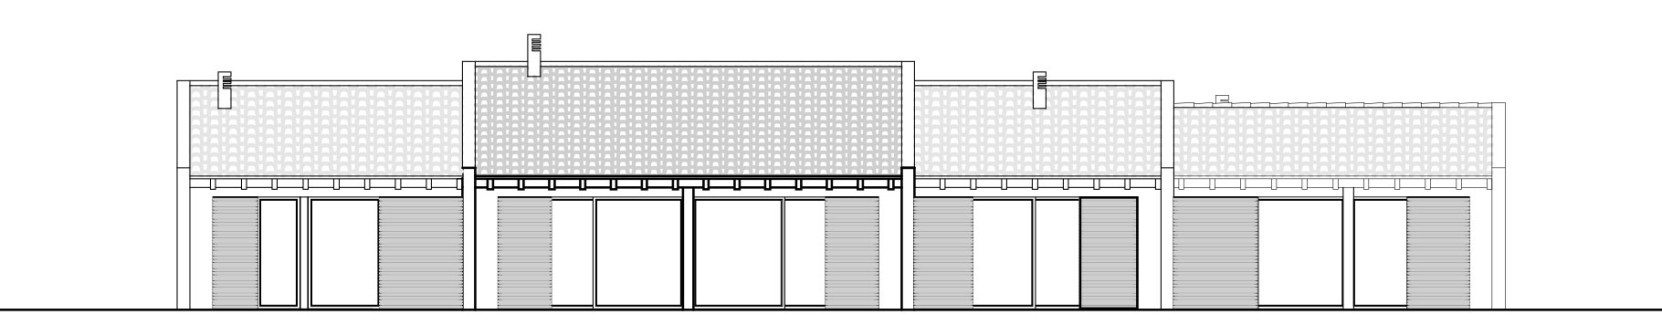 Casa modular Girona en hormigon celular